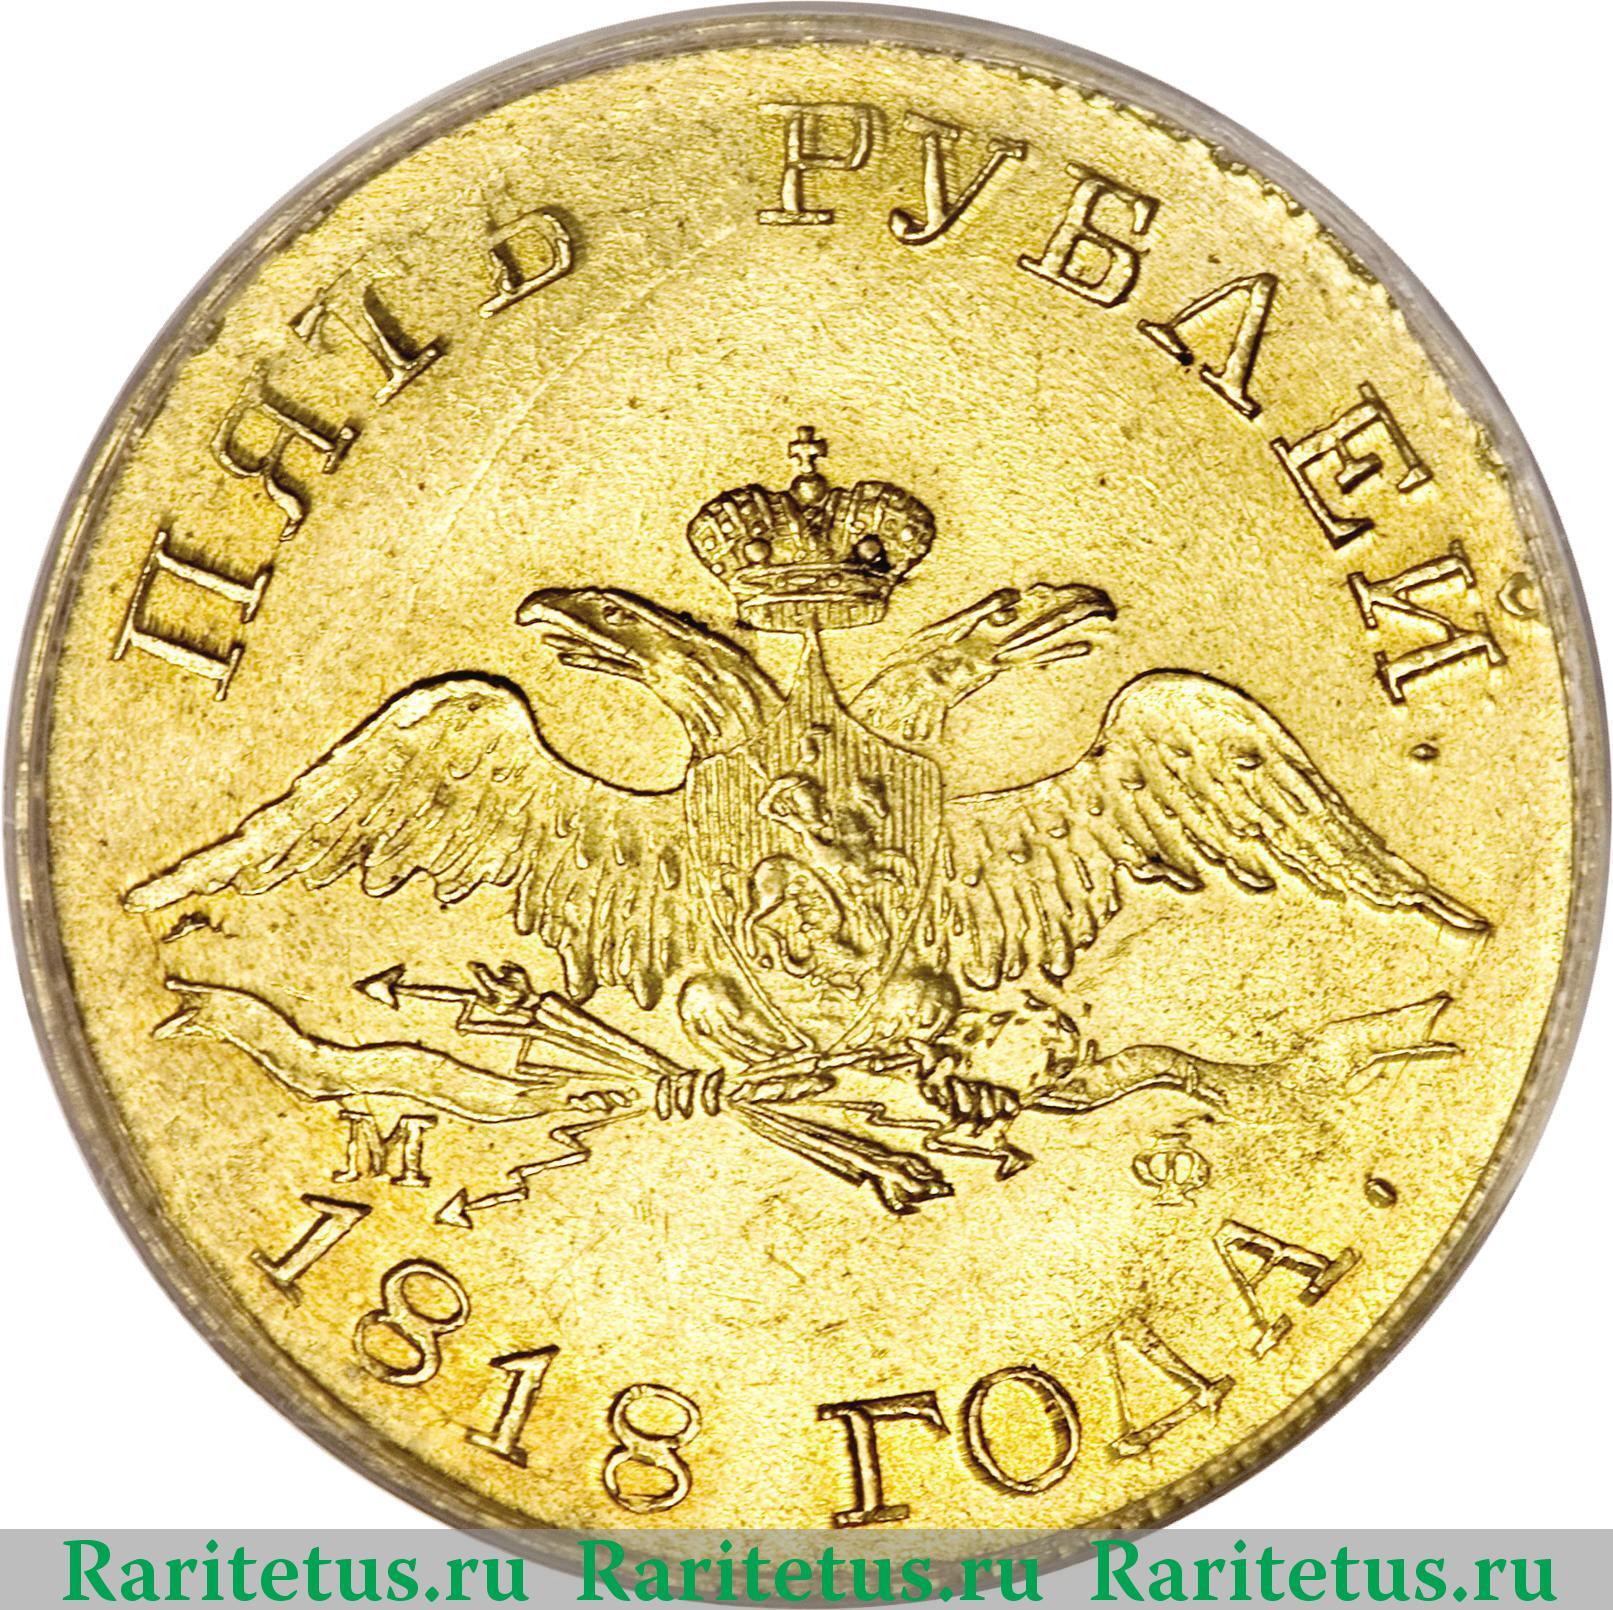 Стоимость золотой царской монеты в 5 рублей 10 копеек 1991 без букв